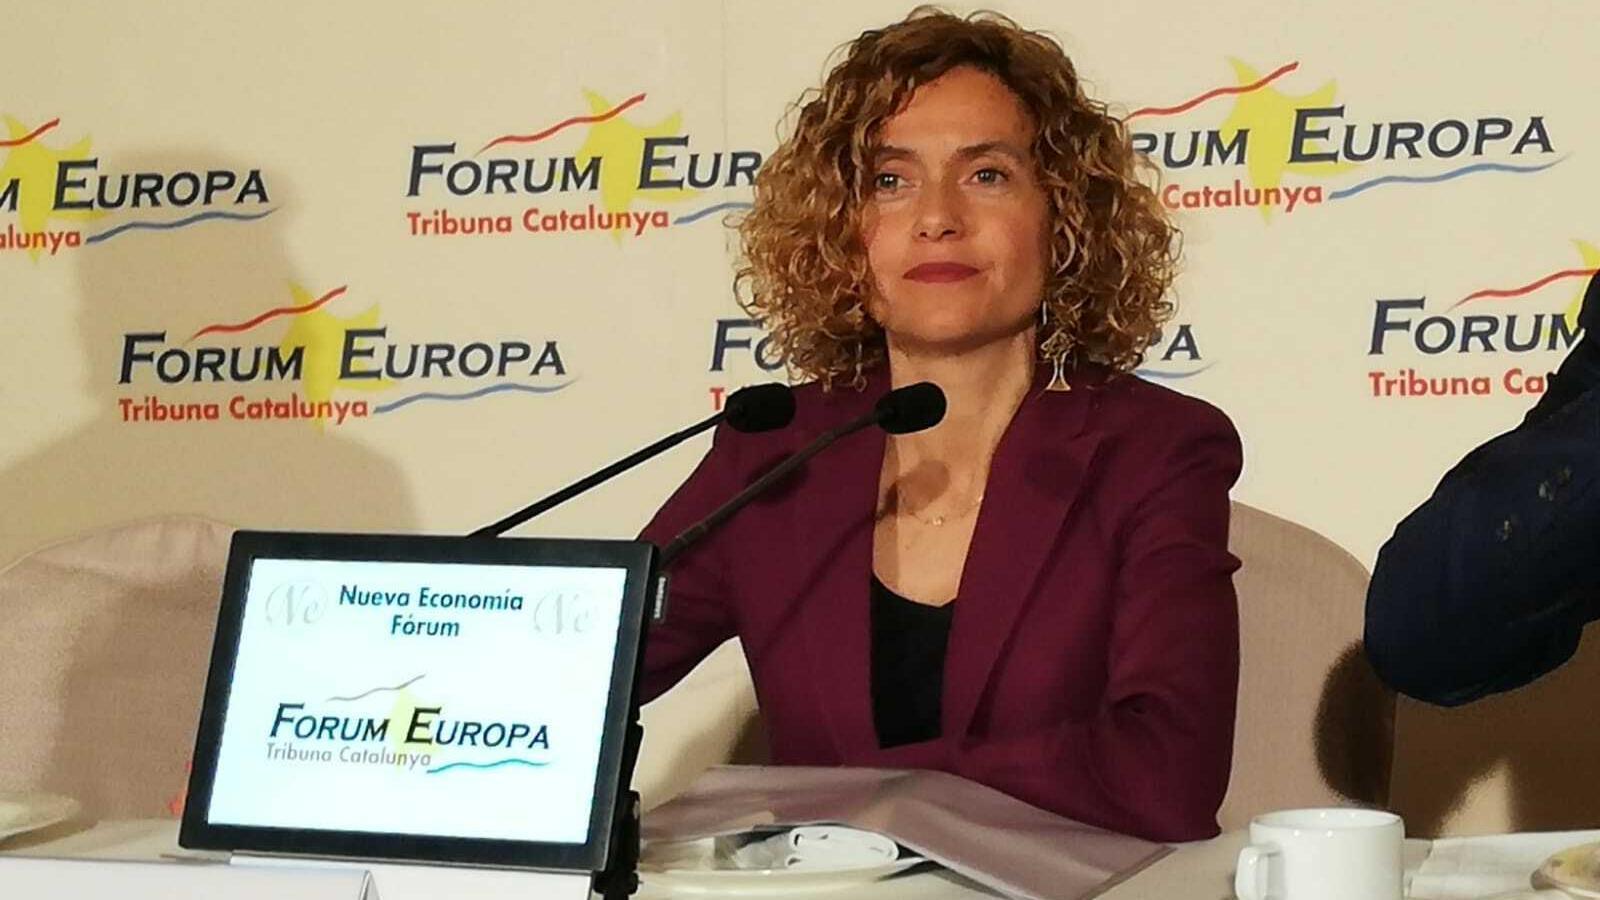 La ministra i candidata del PSC al 28-A, Meritxell Batet, aquest dimecres a l'esmorzar informatiu del Fòrum Europa-Tribuna Catalunya